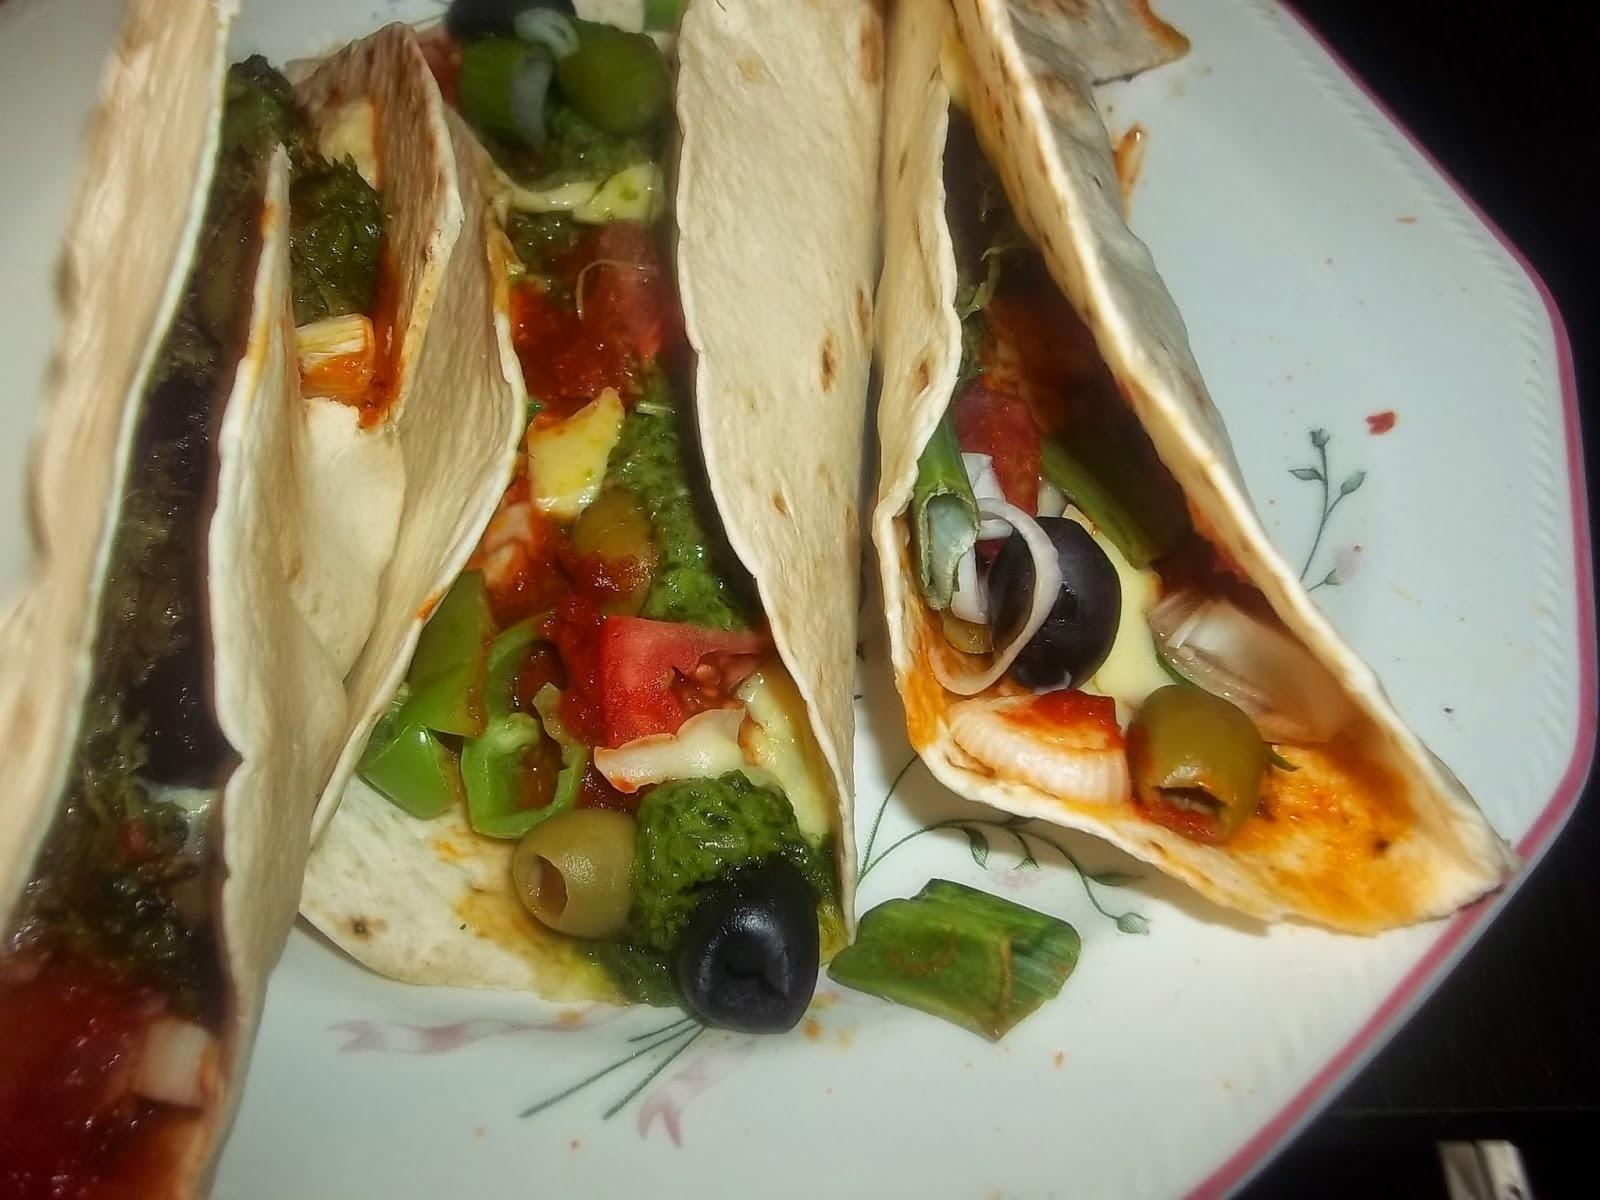 Tortilla heringfilével, zöldségekkel és sajttal